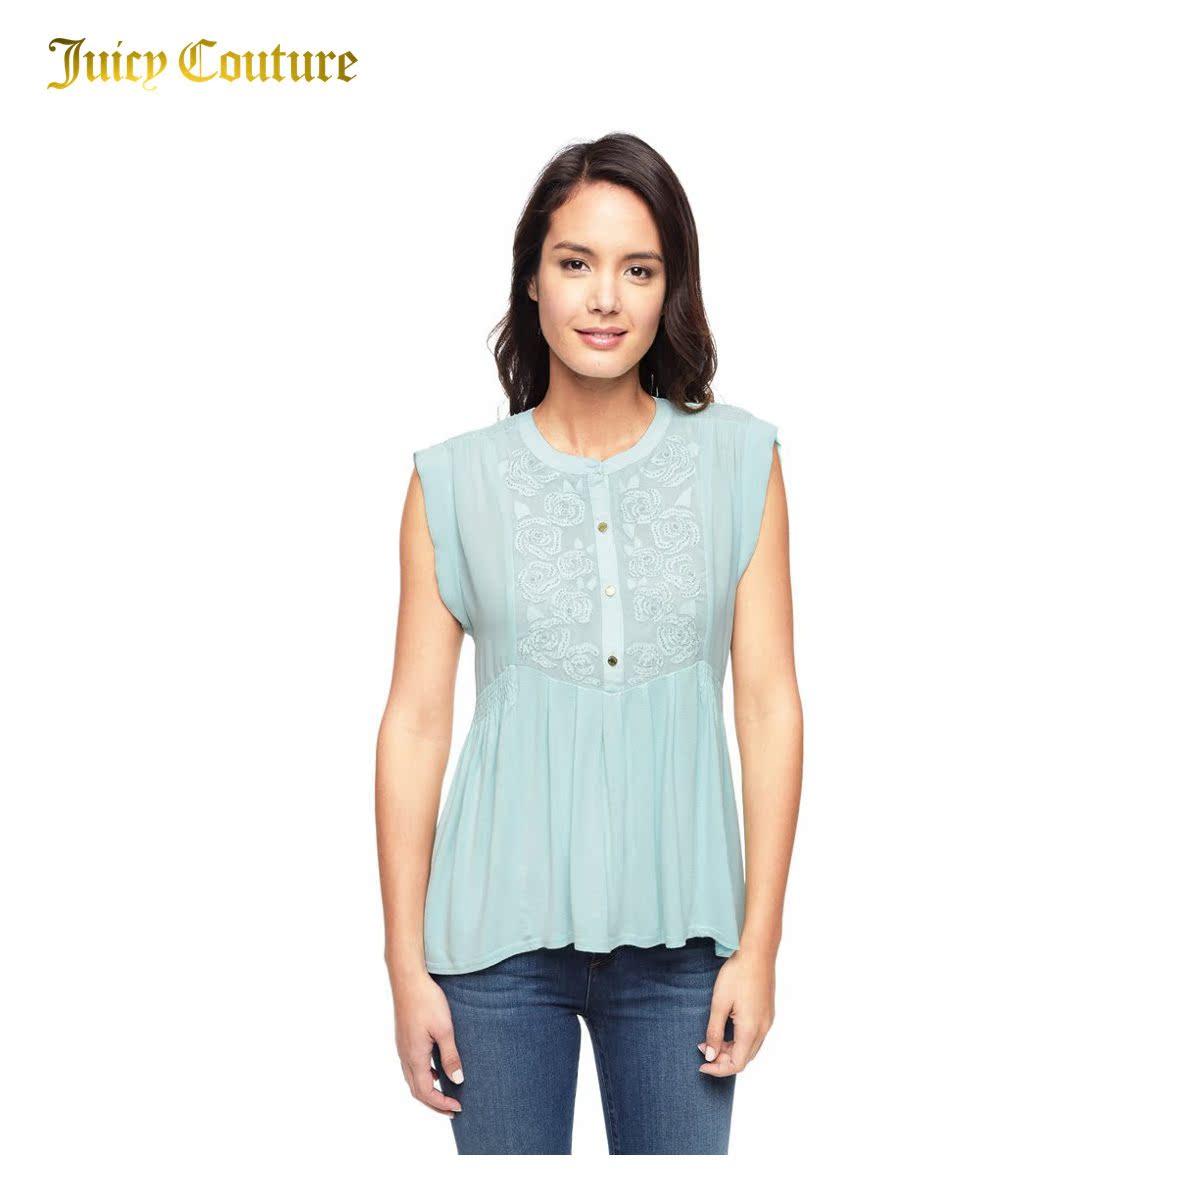 все цены на Блузка JUICY Couture 2322/6702 2015 2322 онлайн